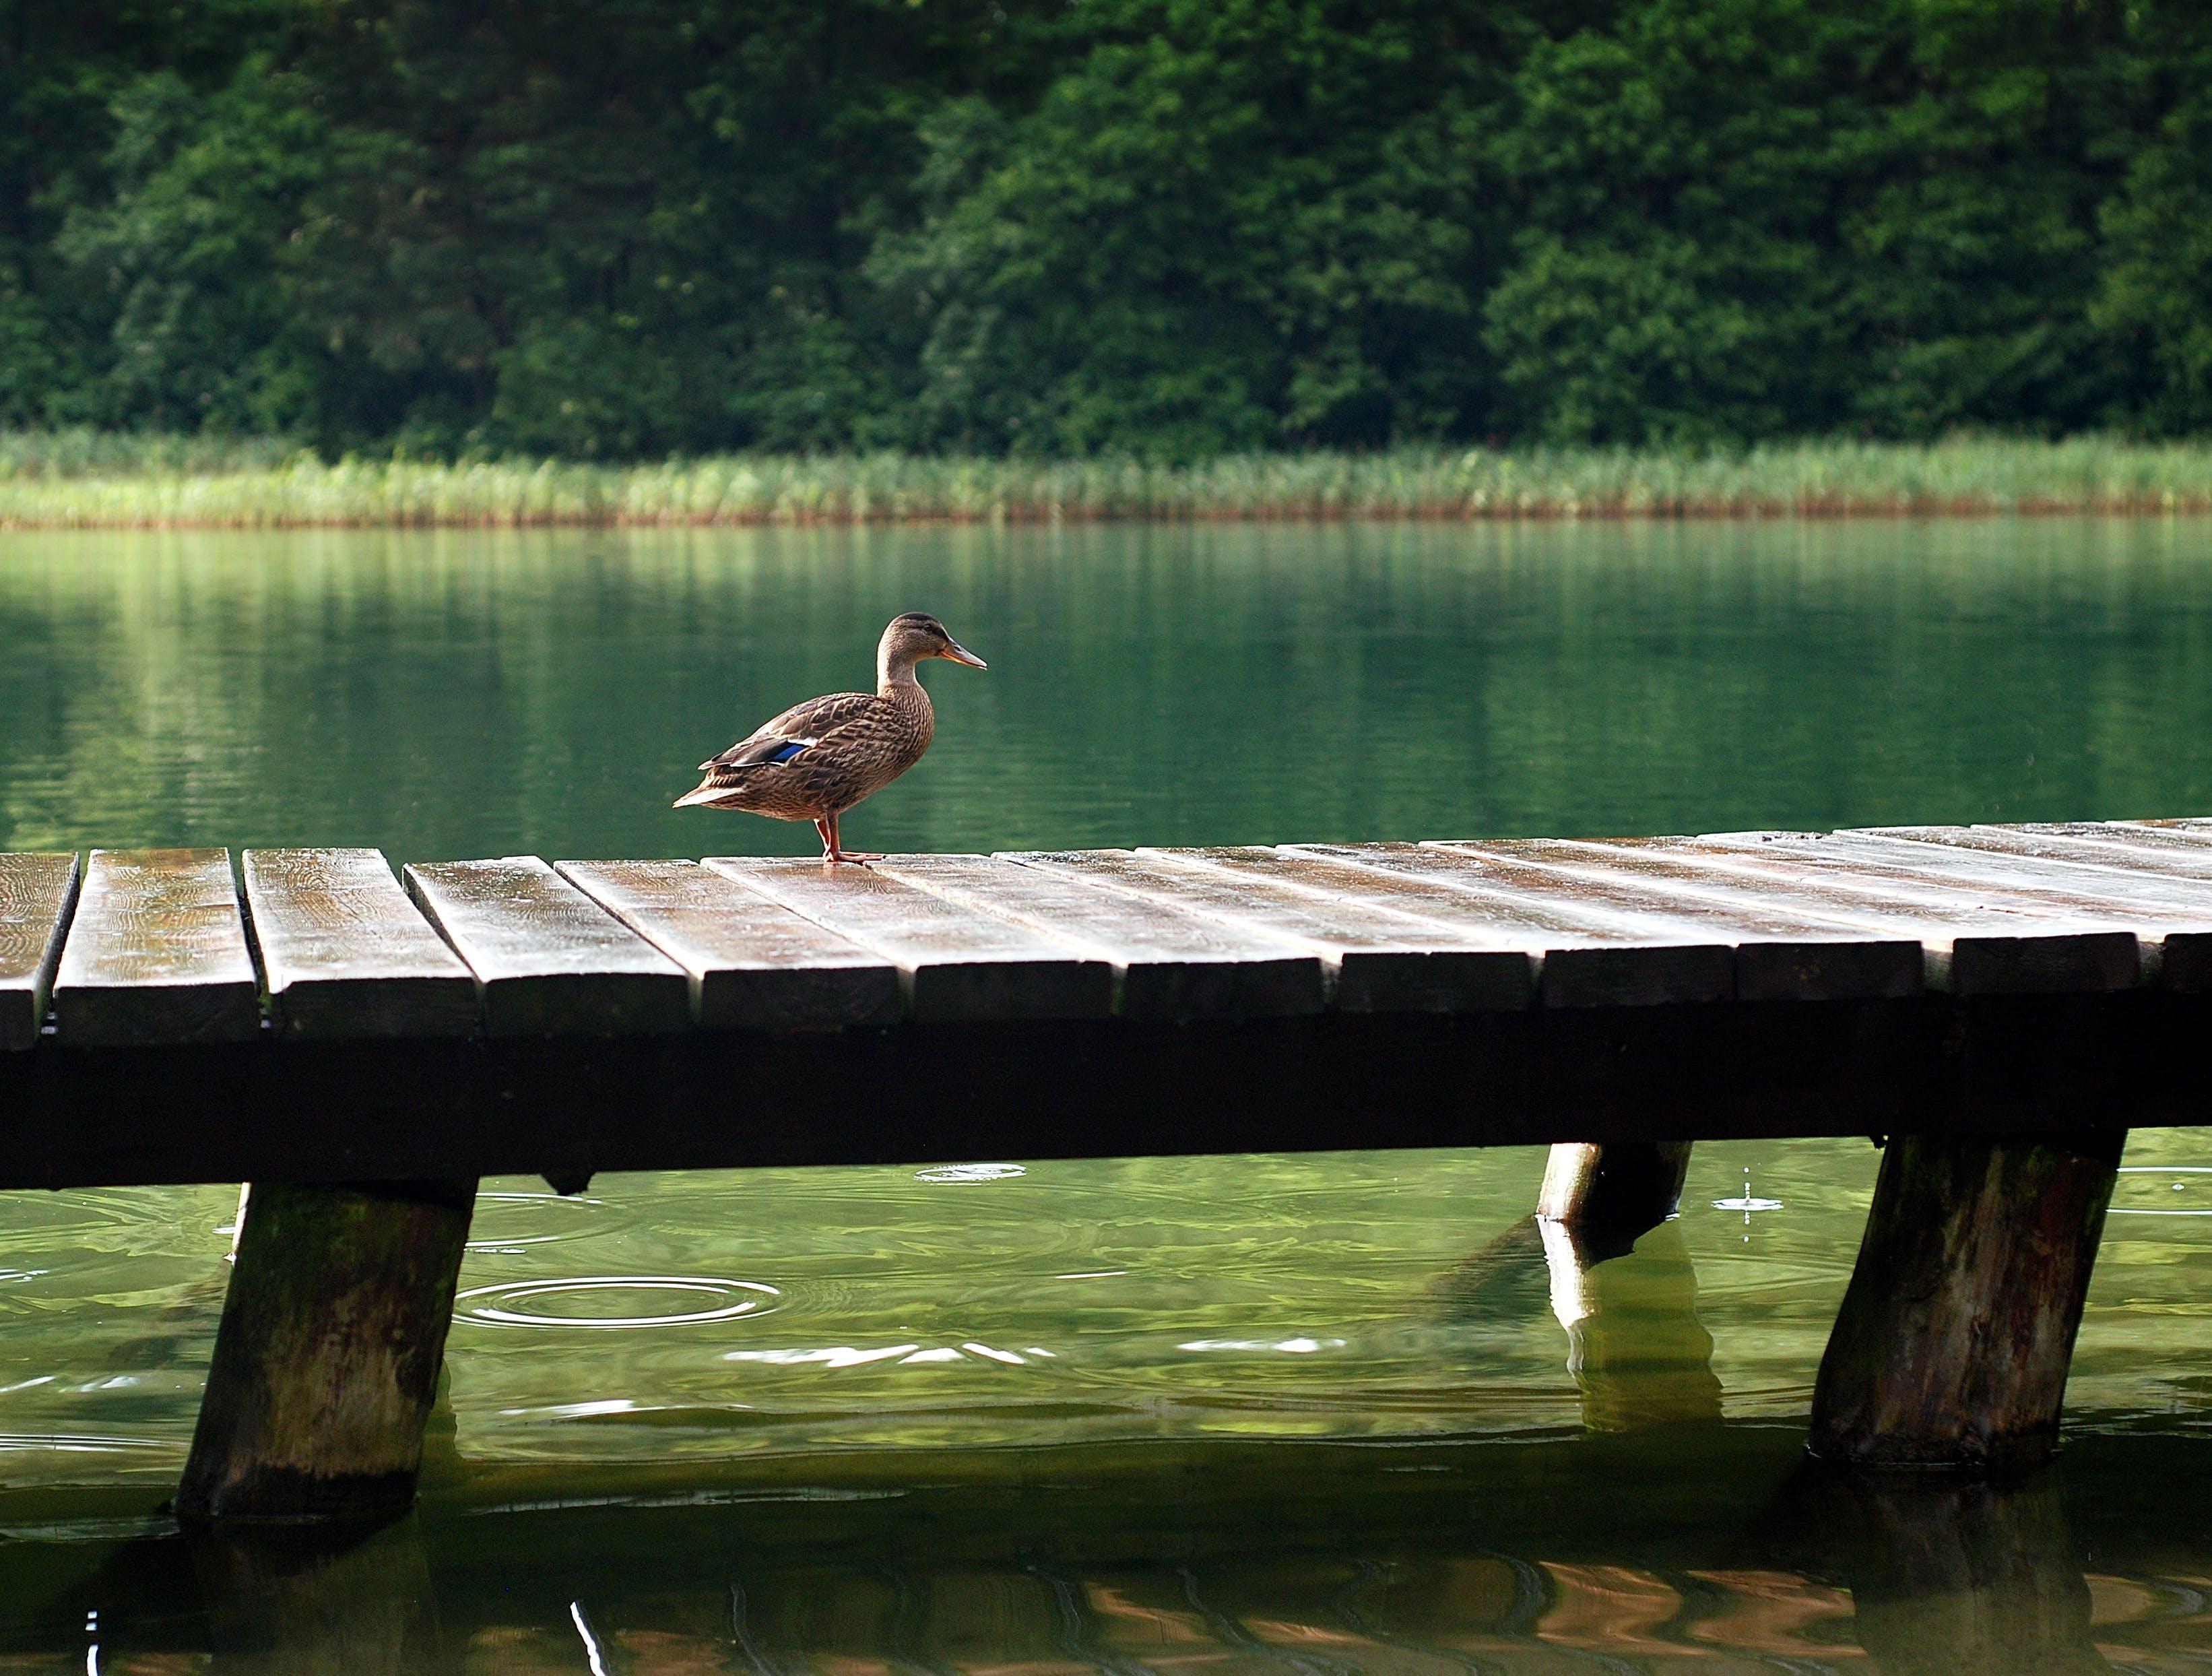 Gratis lagerfoto af anløbsbro, havnemole, træ, vand